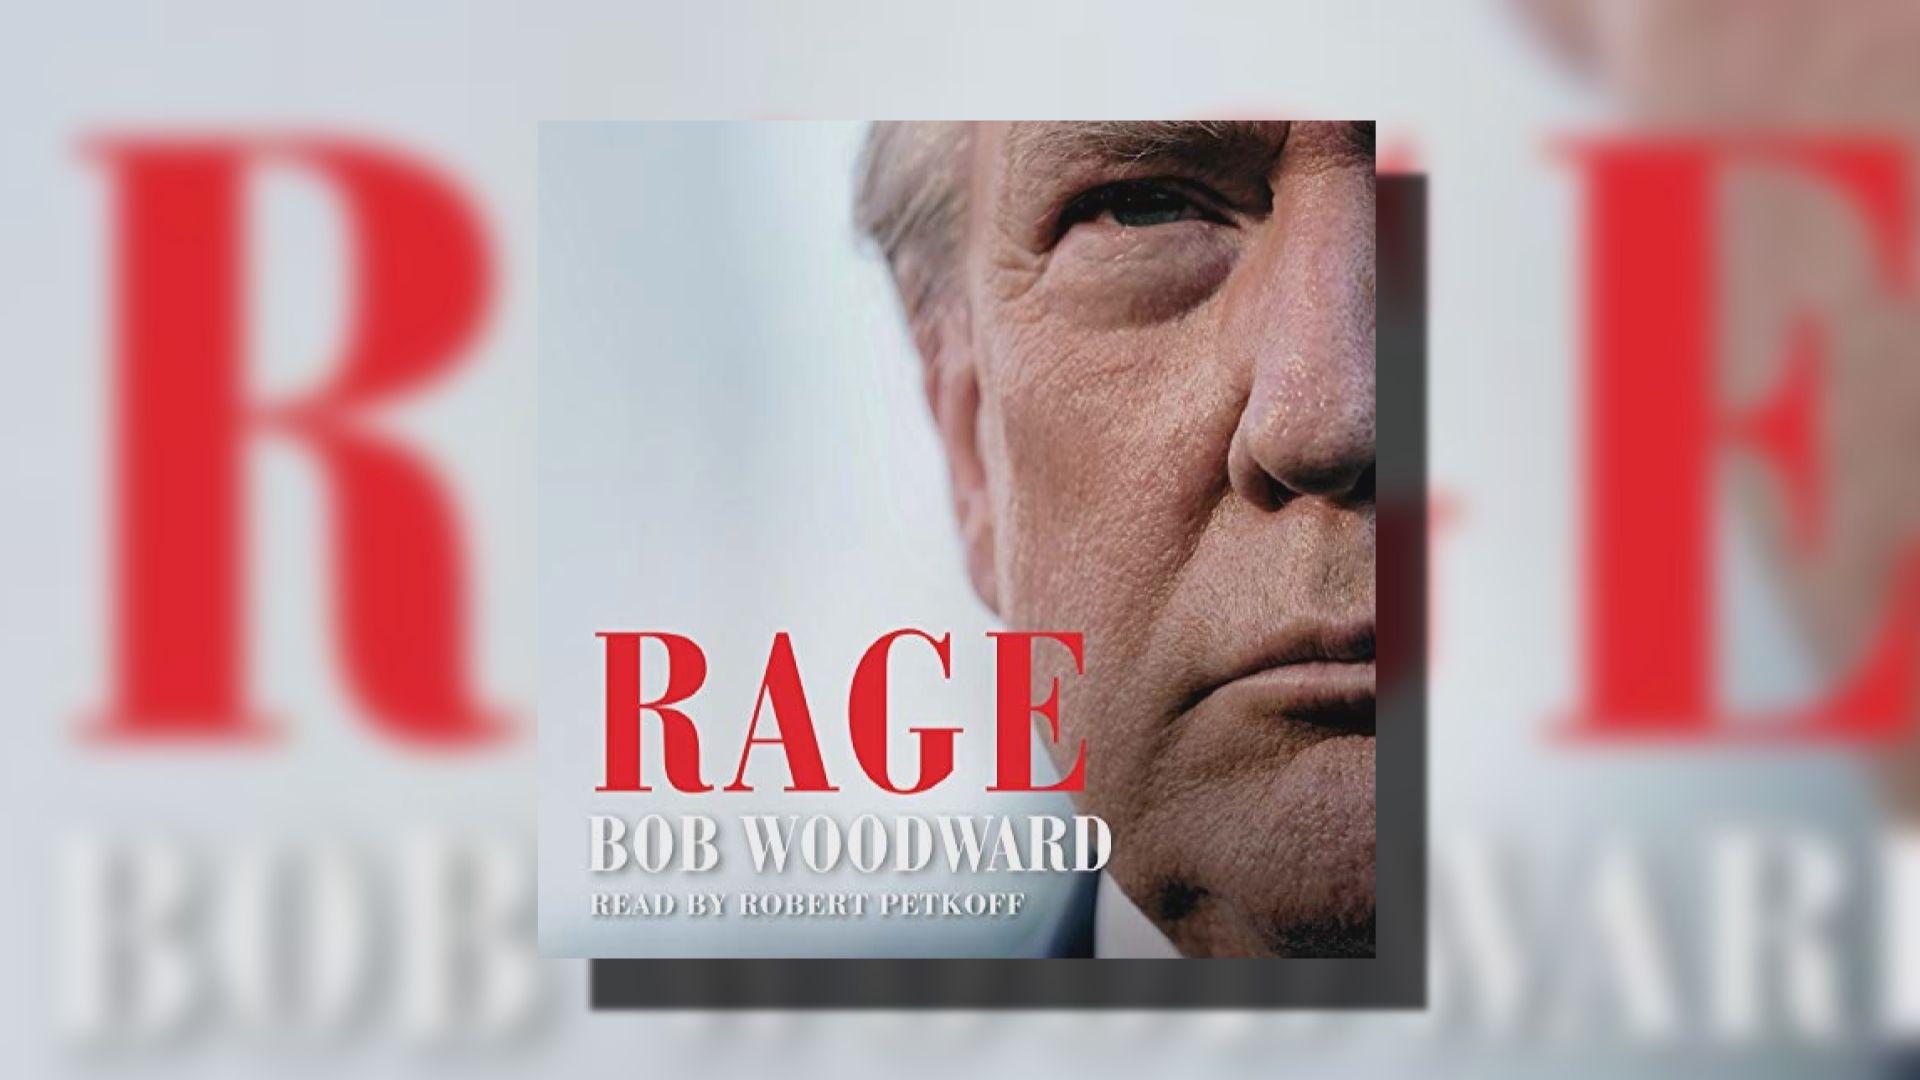 【環球薈報】伍德沃德新書揭美朝領袖私人信件內容